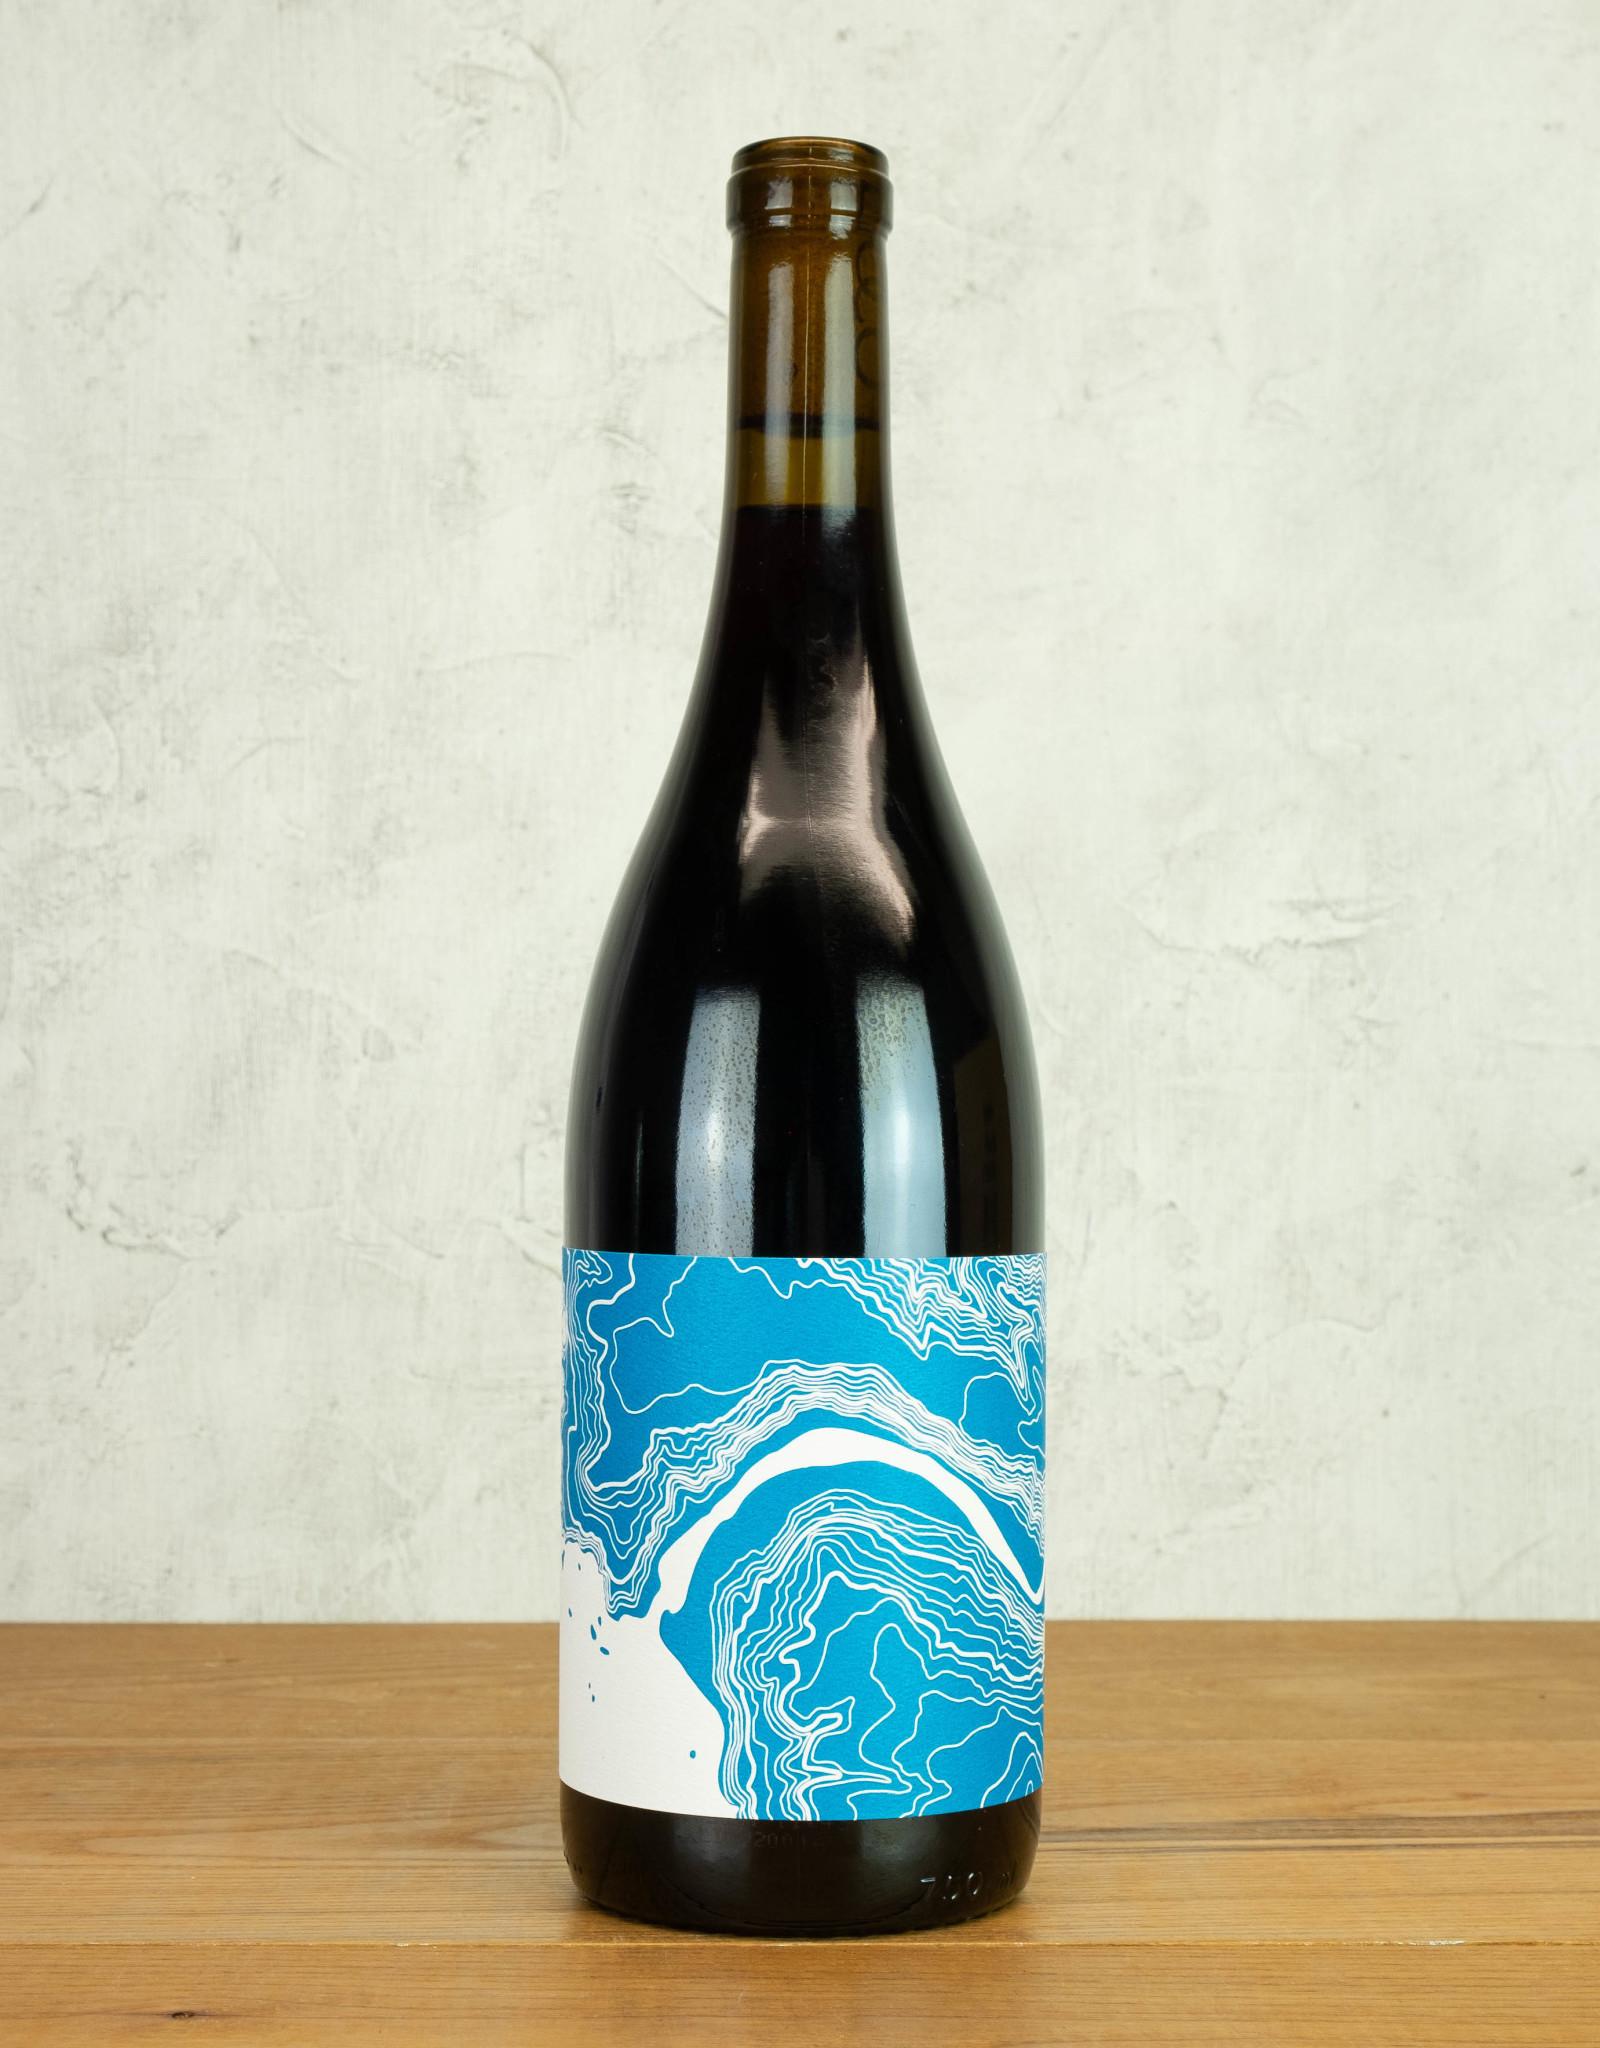 Lioco Mendocino County Pinot Noir